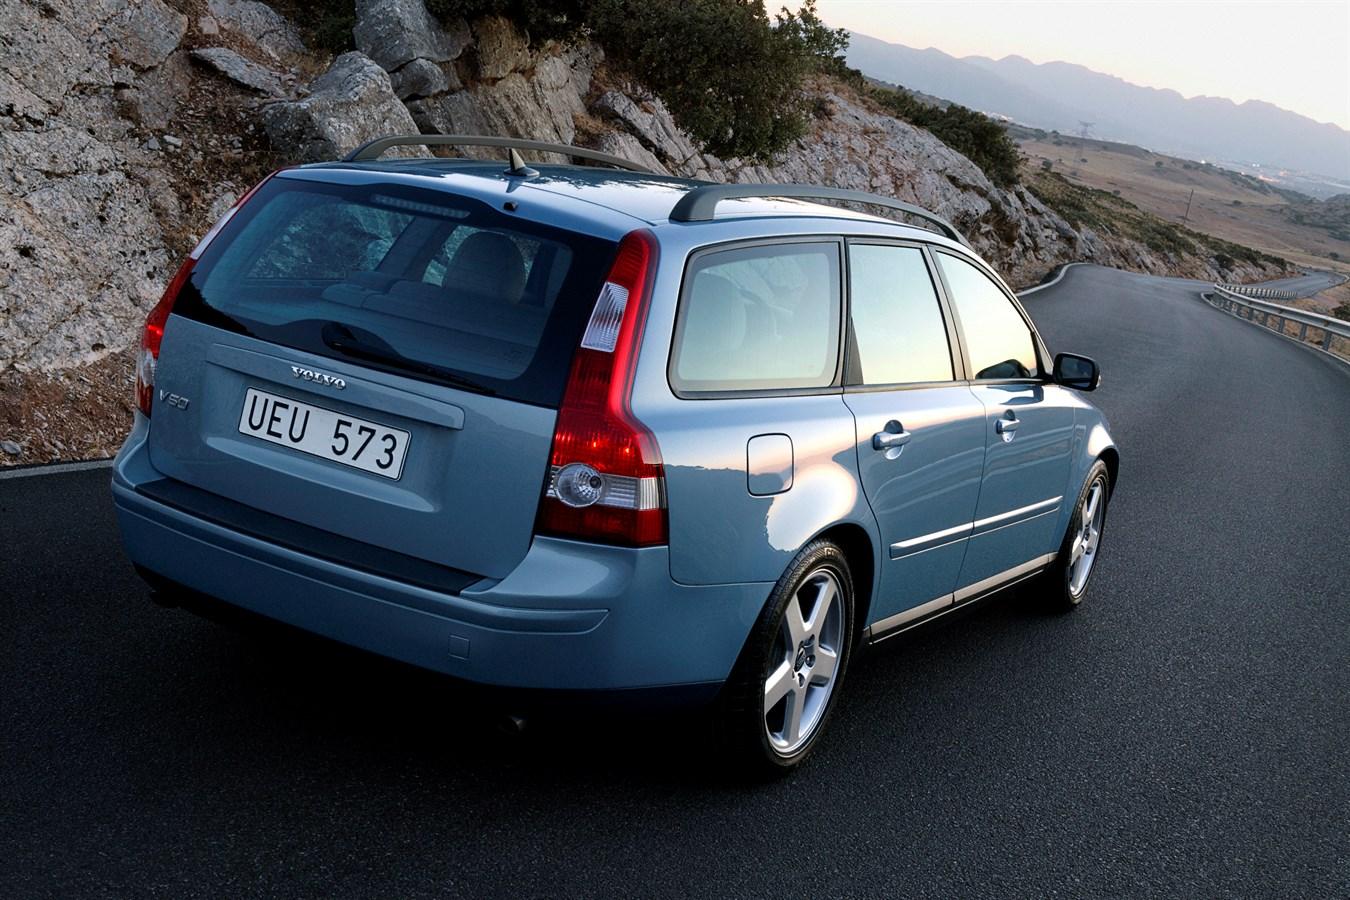 Volvo V50 - Volvo Car Group Global Media Newsroom